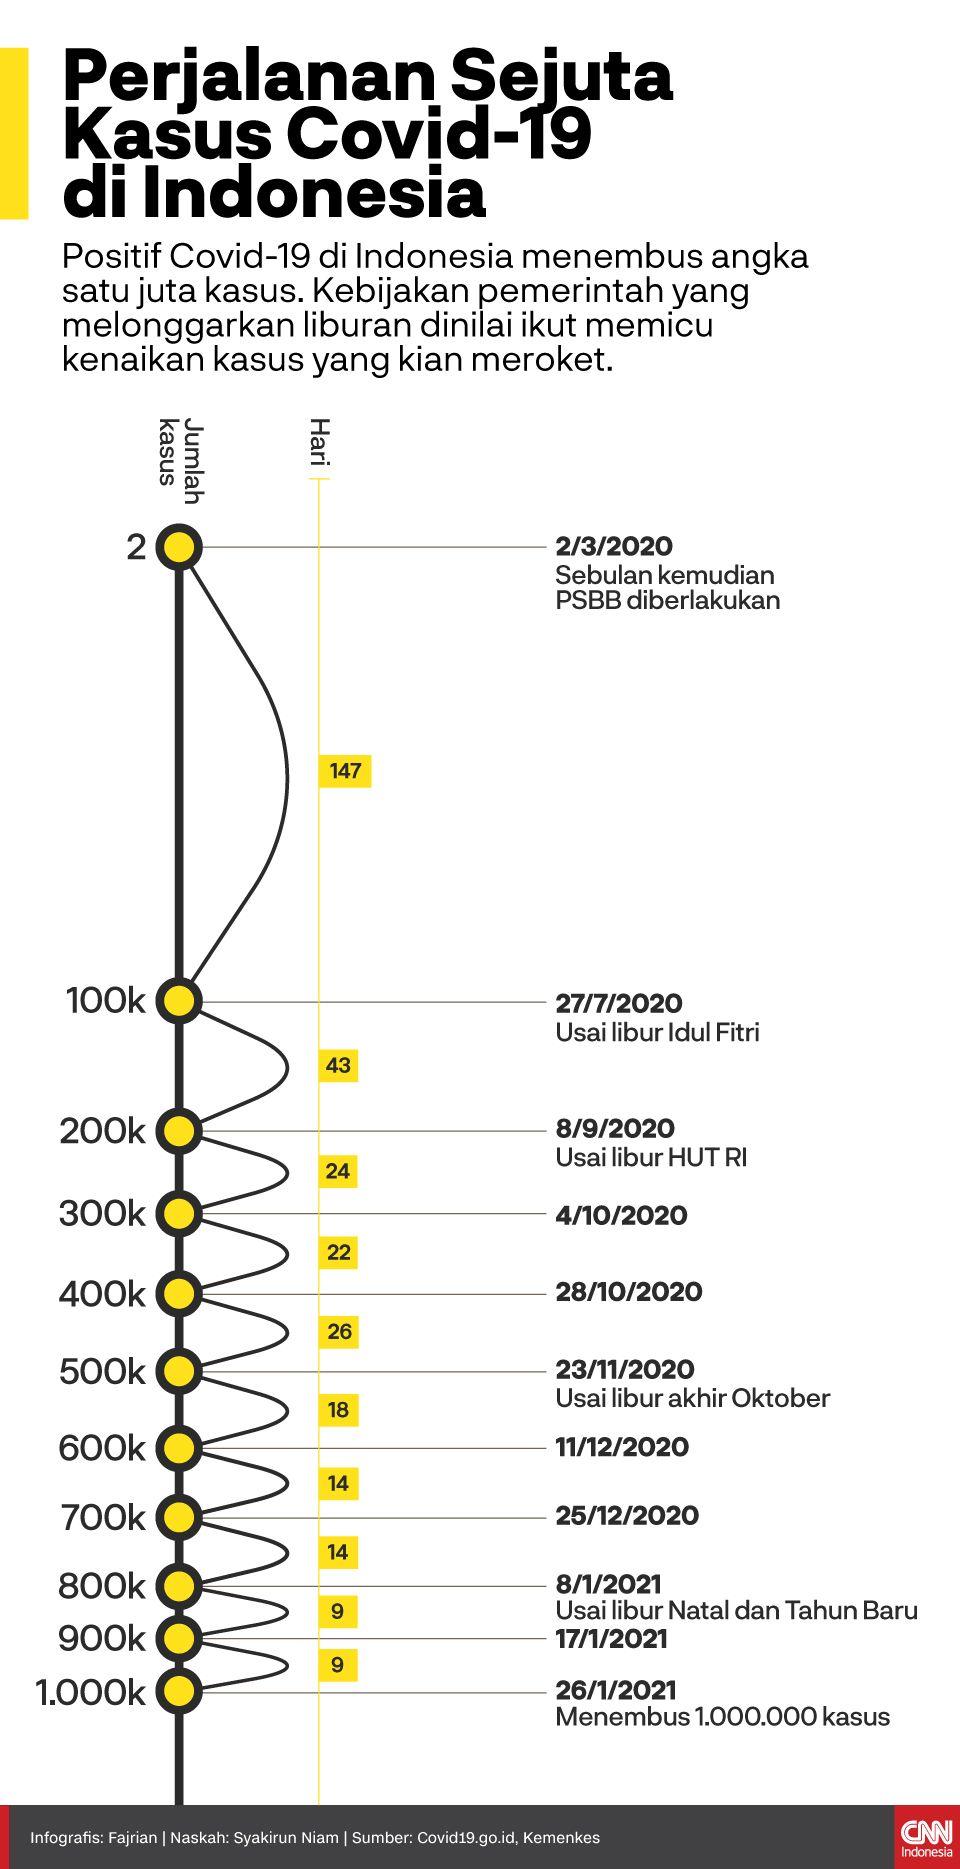 Infografis perjalanan sejuta kasus Covid-19 di Indonesia